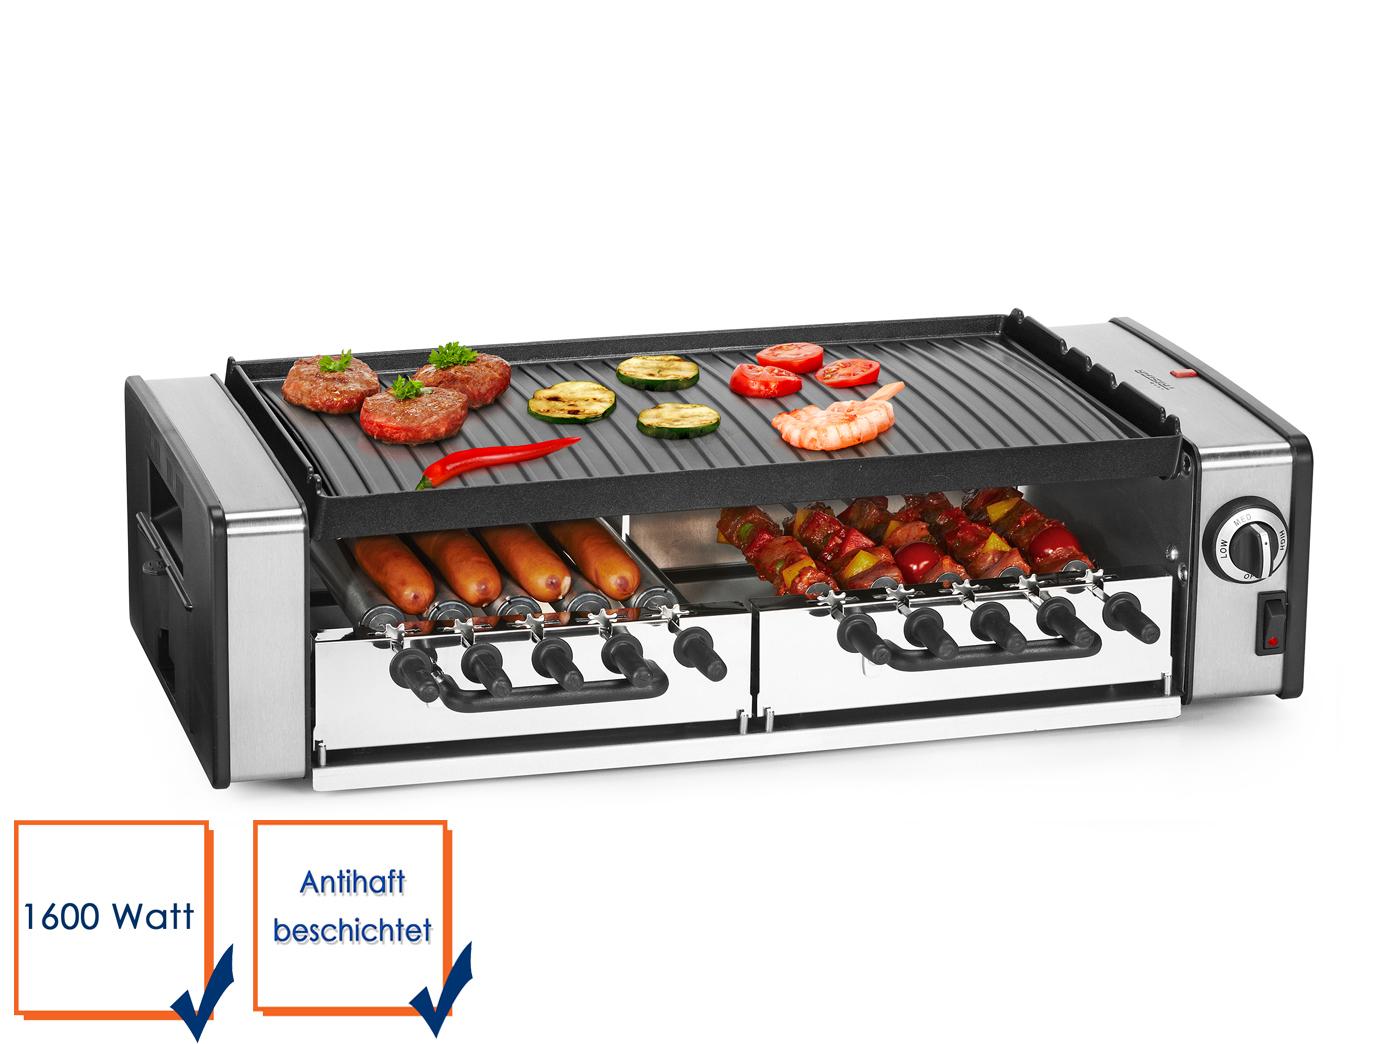 Bbq Elektrogrill Test : Camping grill elektro test vergleich camping grill elektro